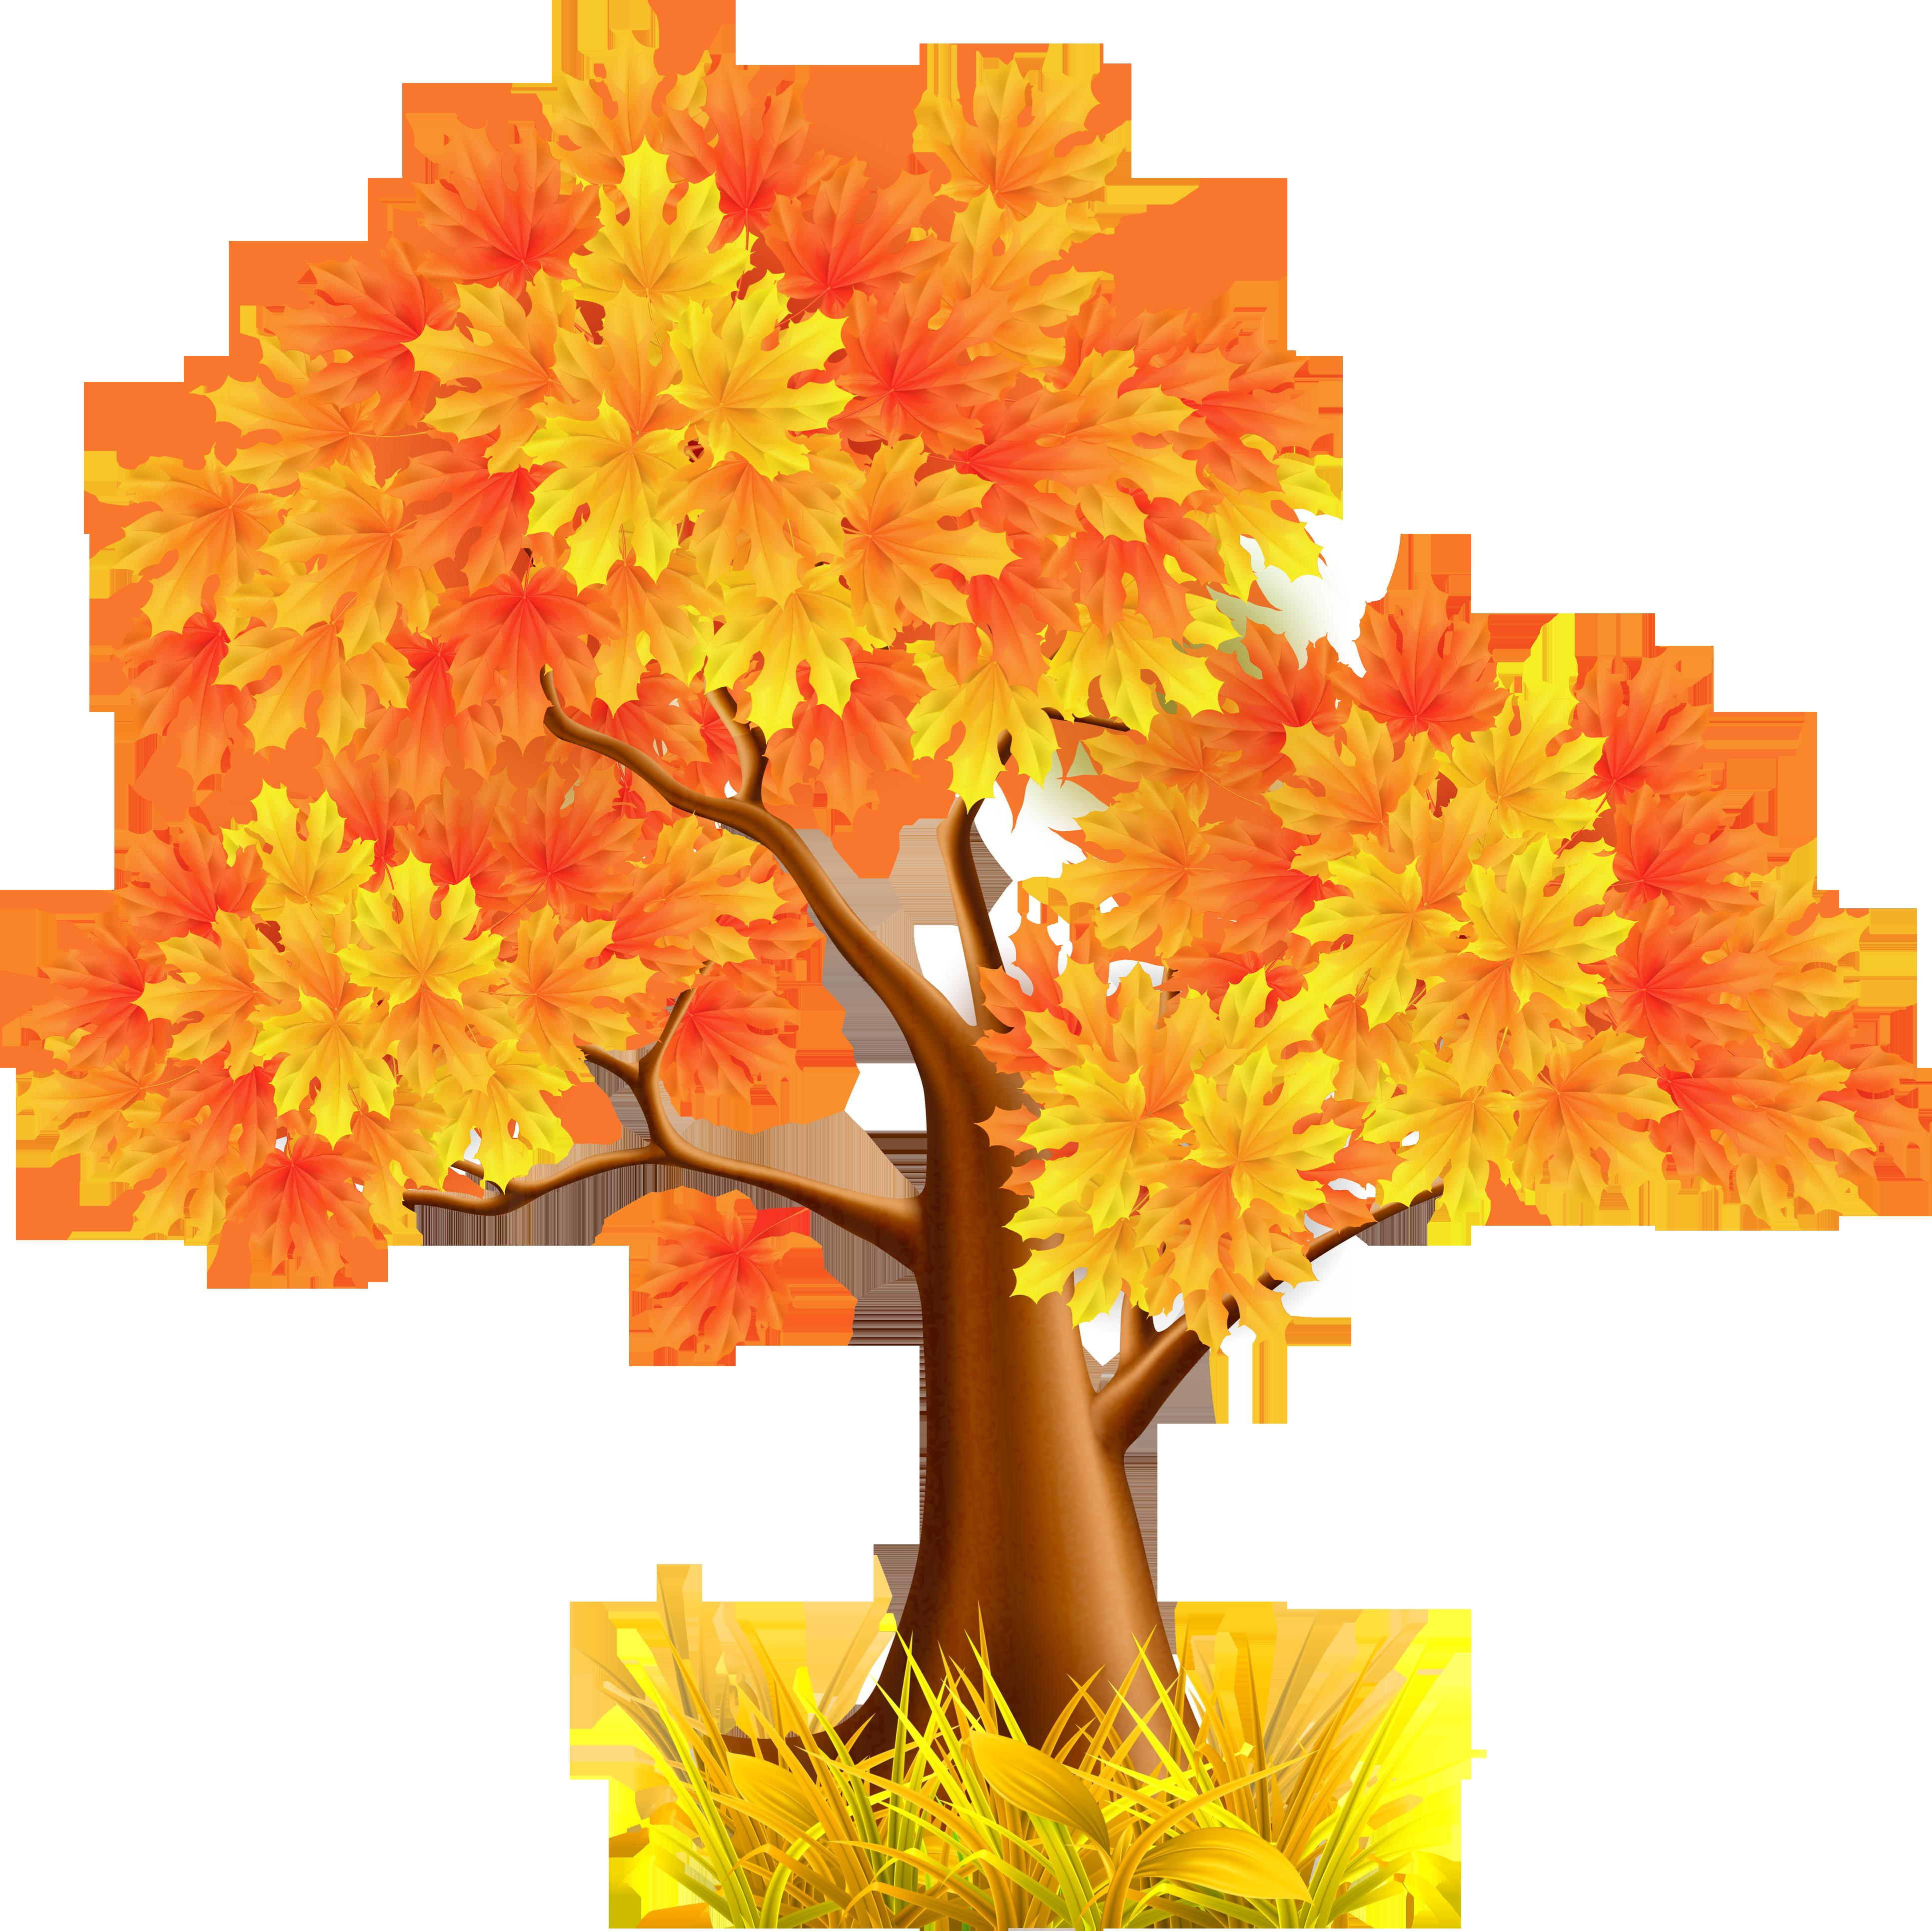 Дерево с осенними листьями картинка для детей